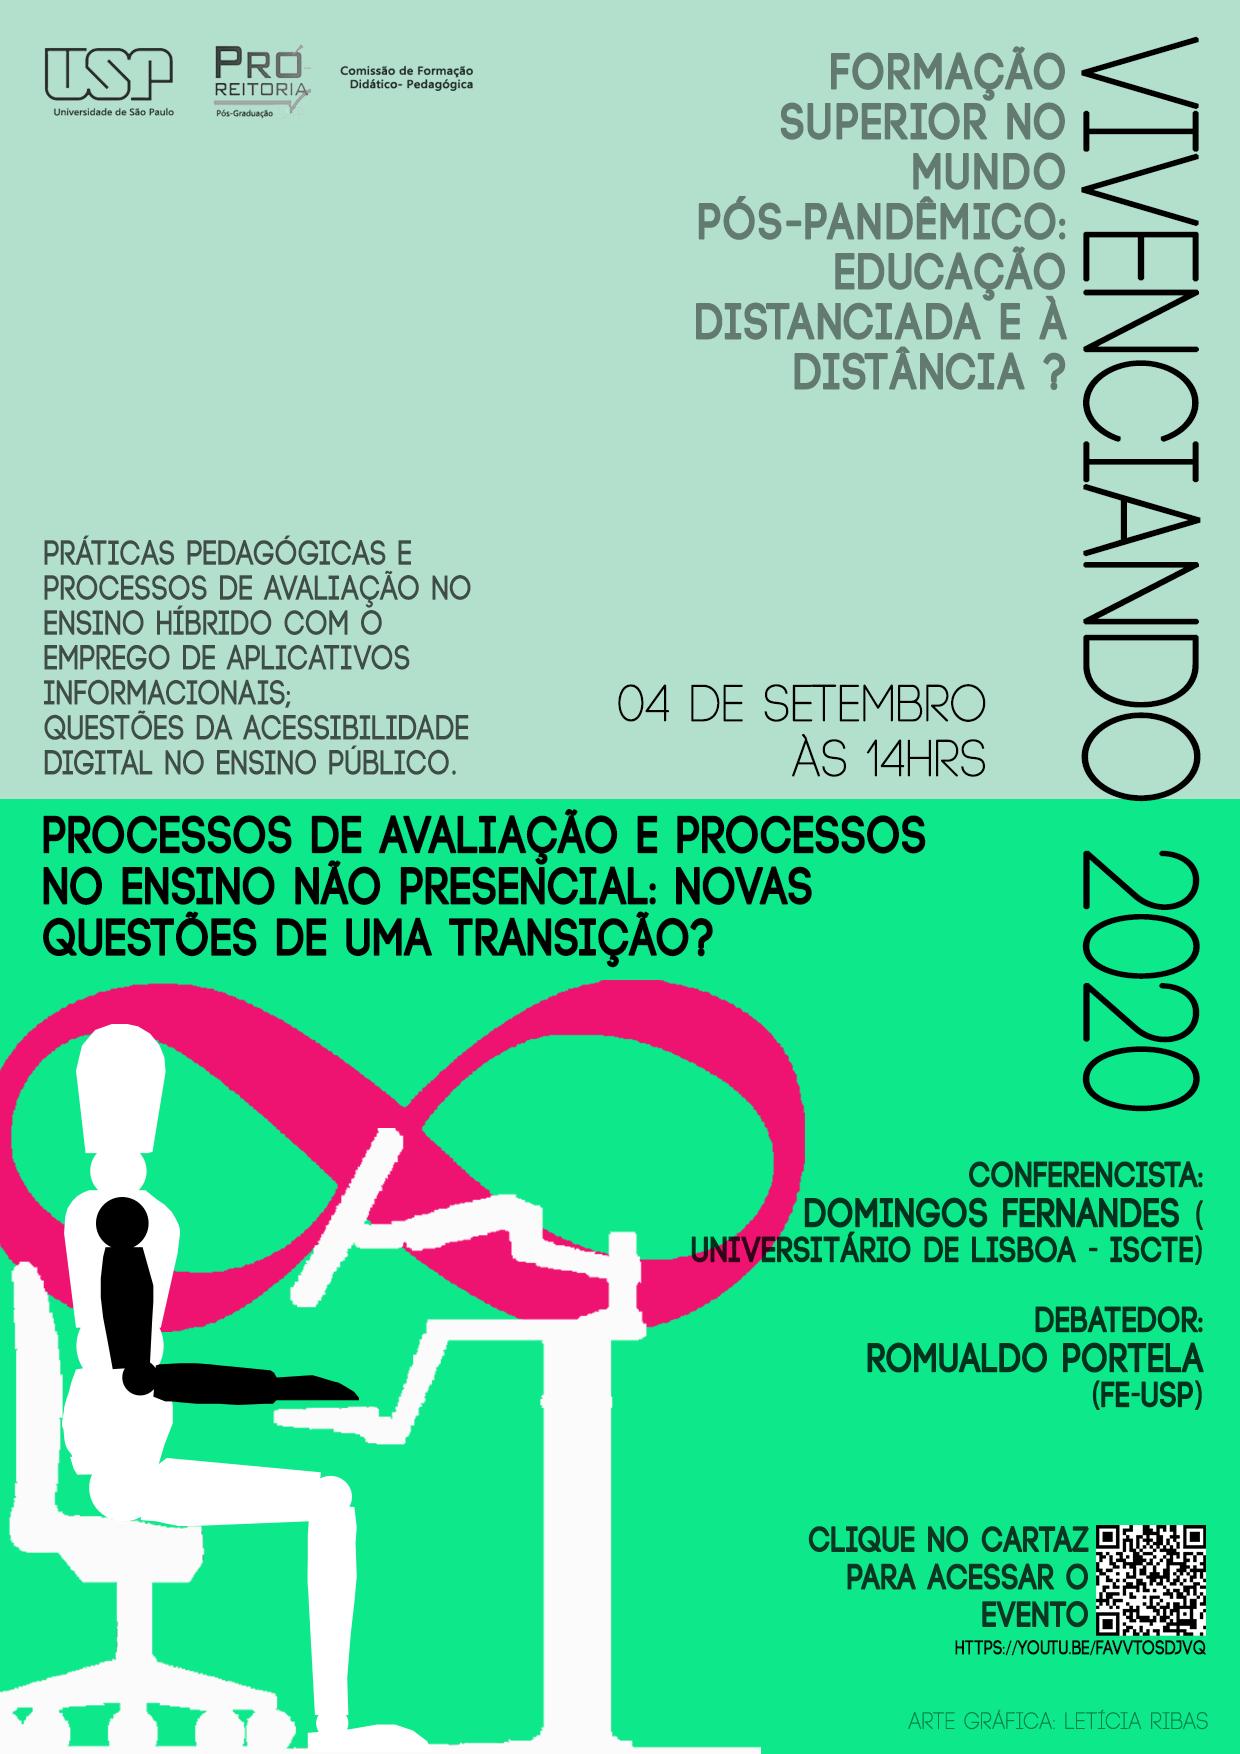 VIVENCIANDO 2020: PROCESSOS DE AVALIAÇÃO E AVALIAÇÃO DE PROCESSOS NO ENSINO NÃO PRESENCIAL: NOVAS QUESTÕES DE UMA TRANSIÇÃO?